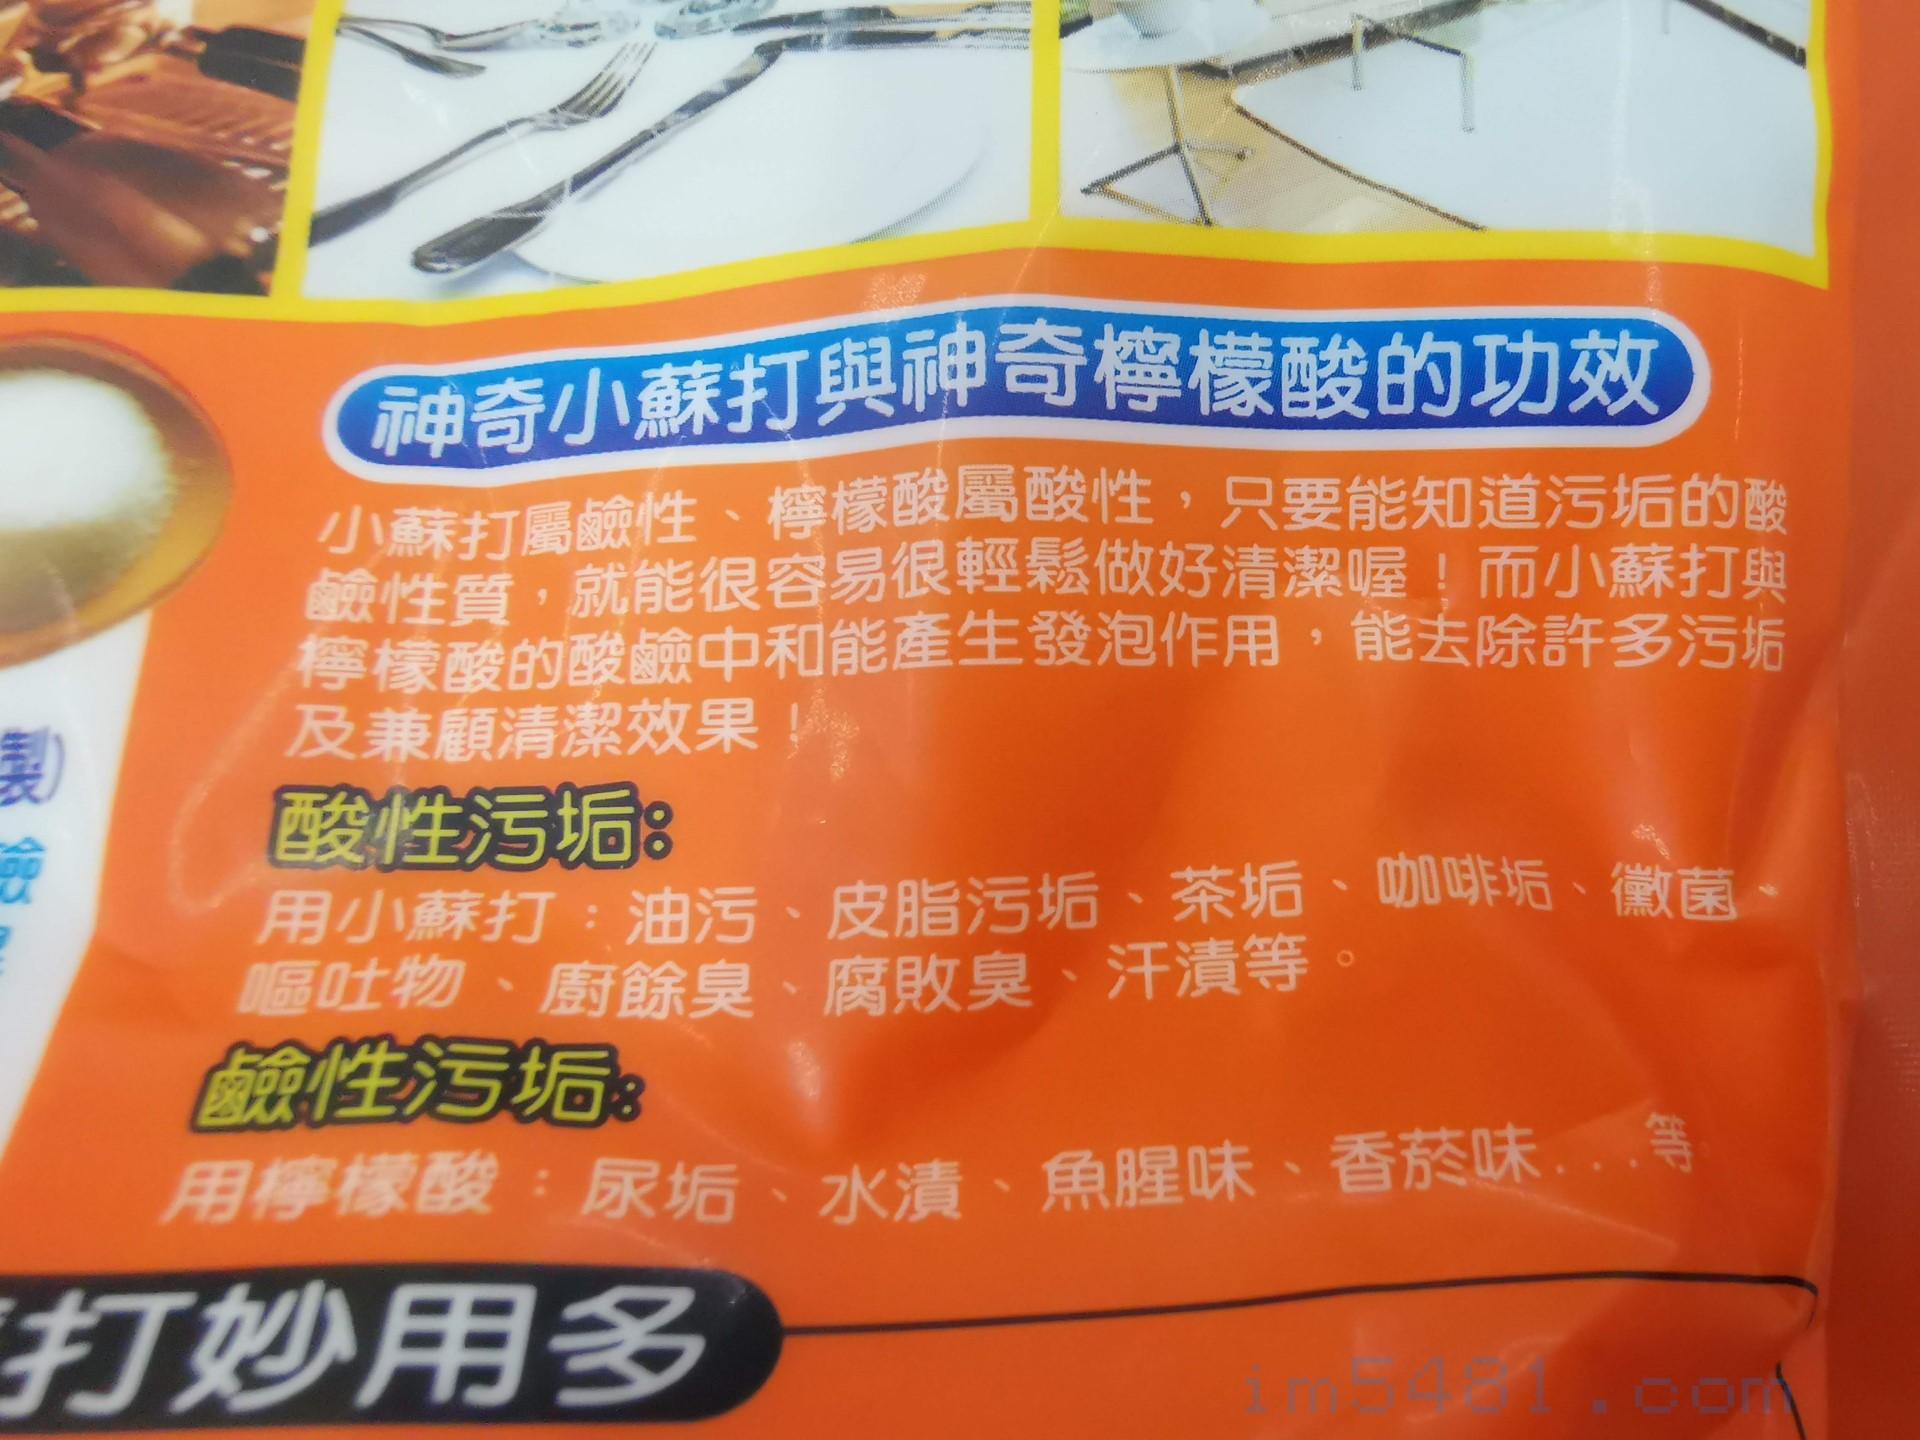 中文真是博大精深!  到底要酸鹼中和還是個別使用? 模稜兩可。(神奇小蘇打的功效說明)